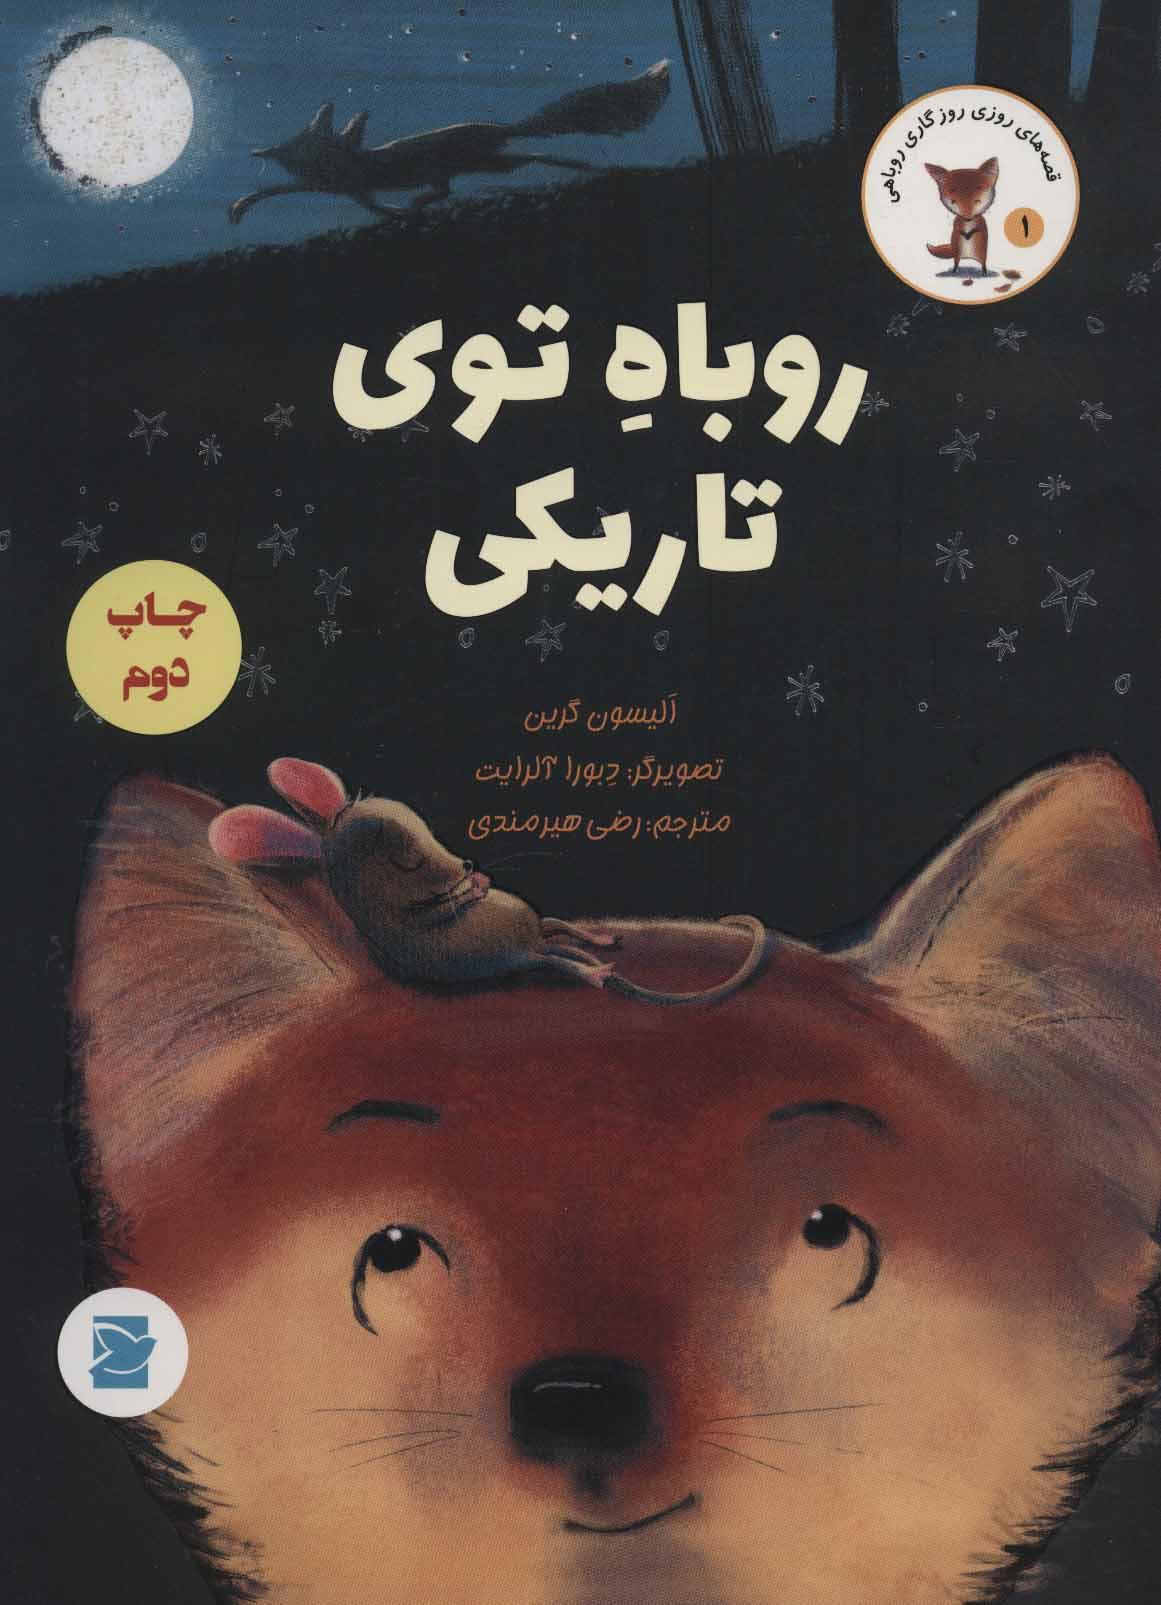 روباه توی تاریکی (قصه های روزی روزگاری روباهی)،(گلاسه)